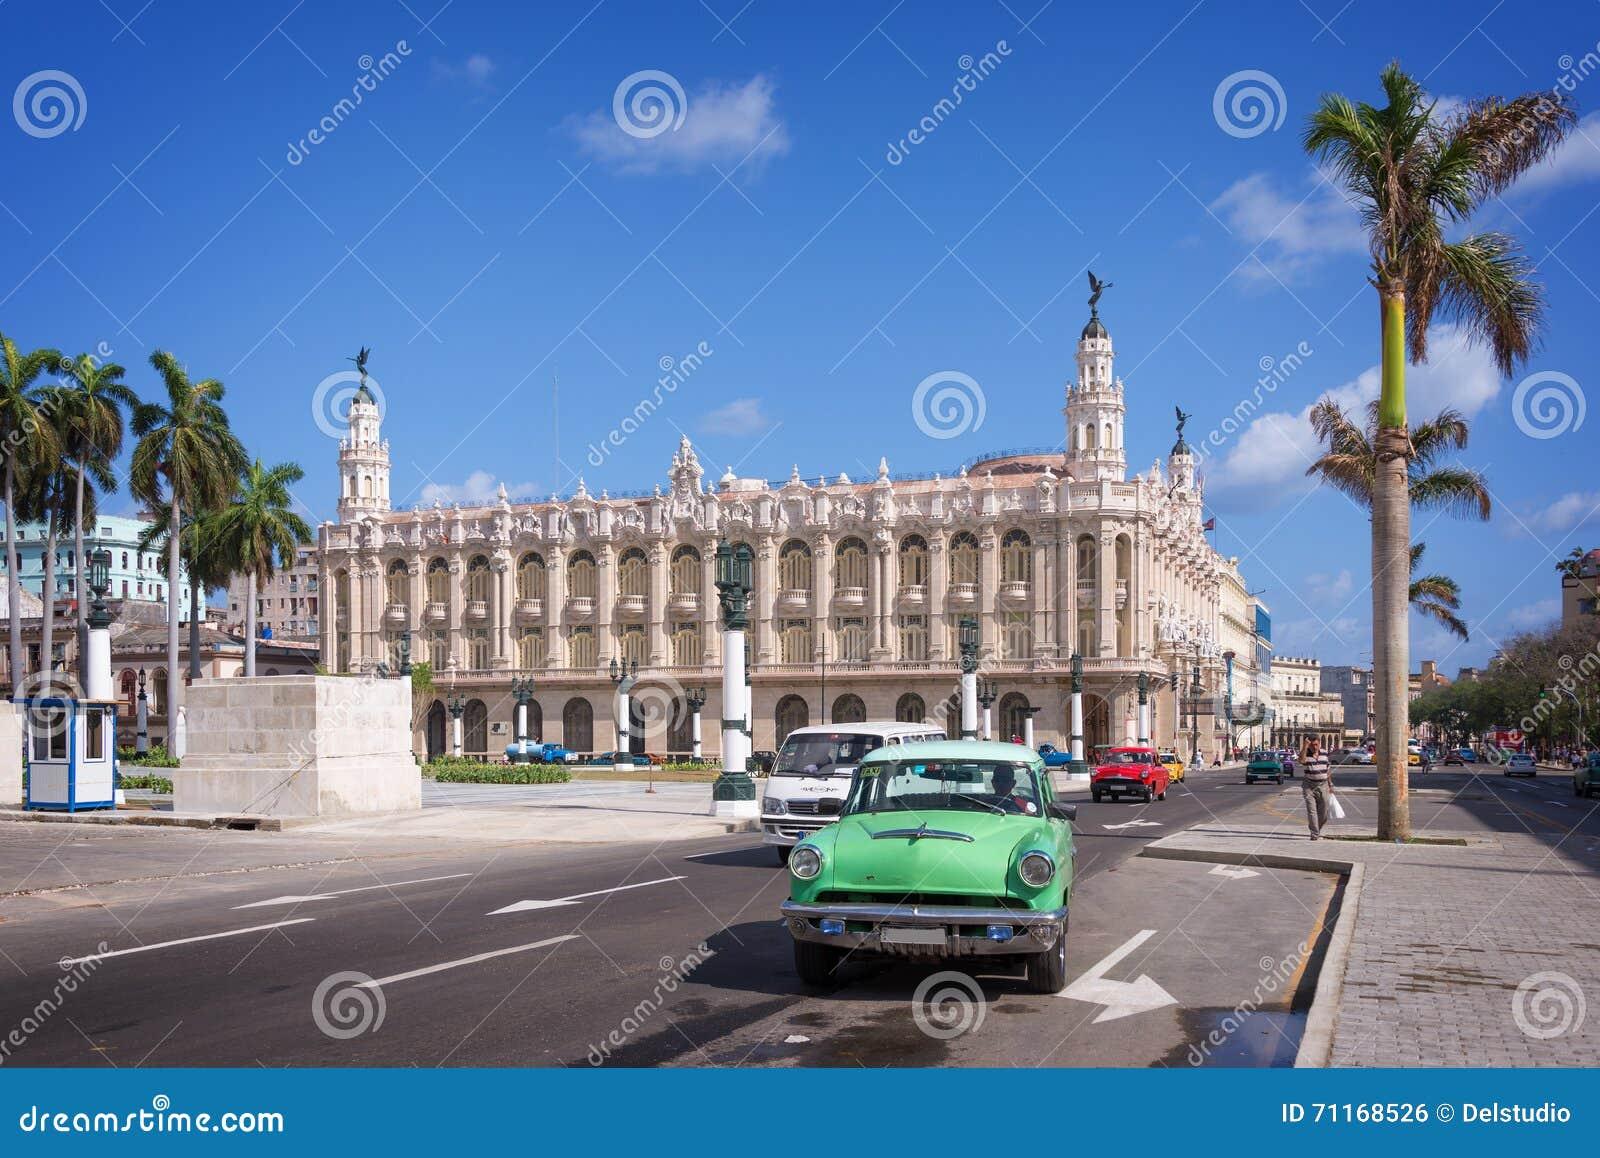 Klassieke Amerikaanse auto op Paseo del Prado, Gran-theatrode La Havana op de achtergrond